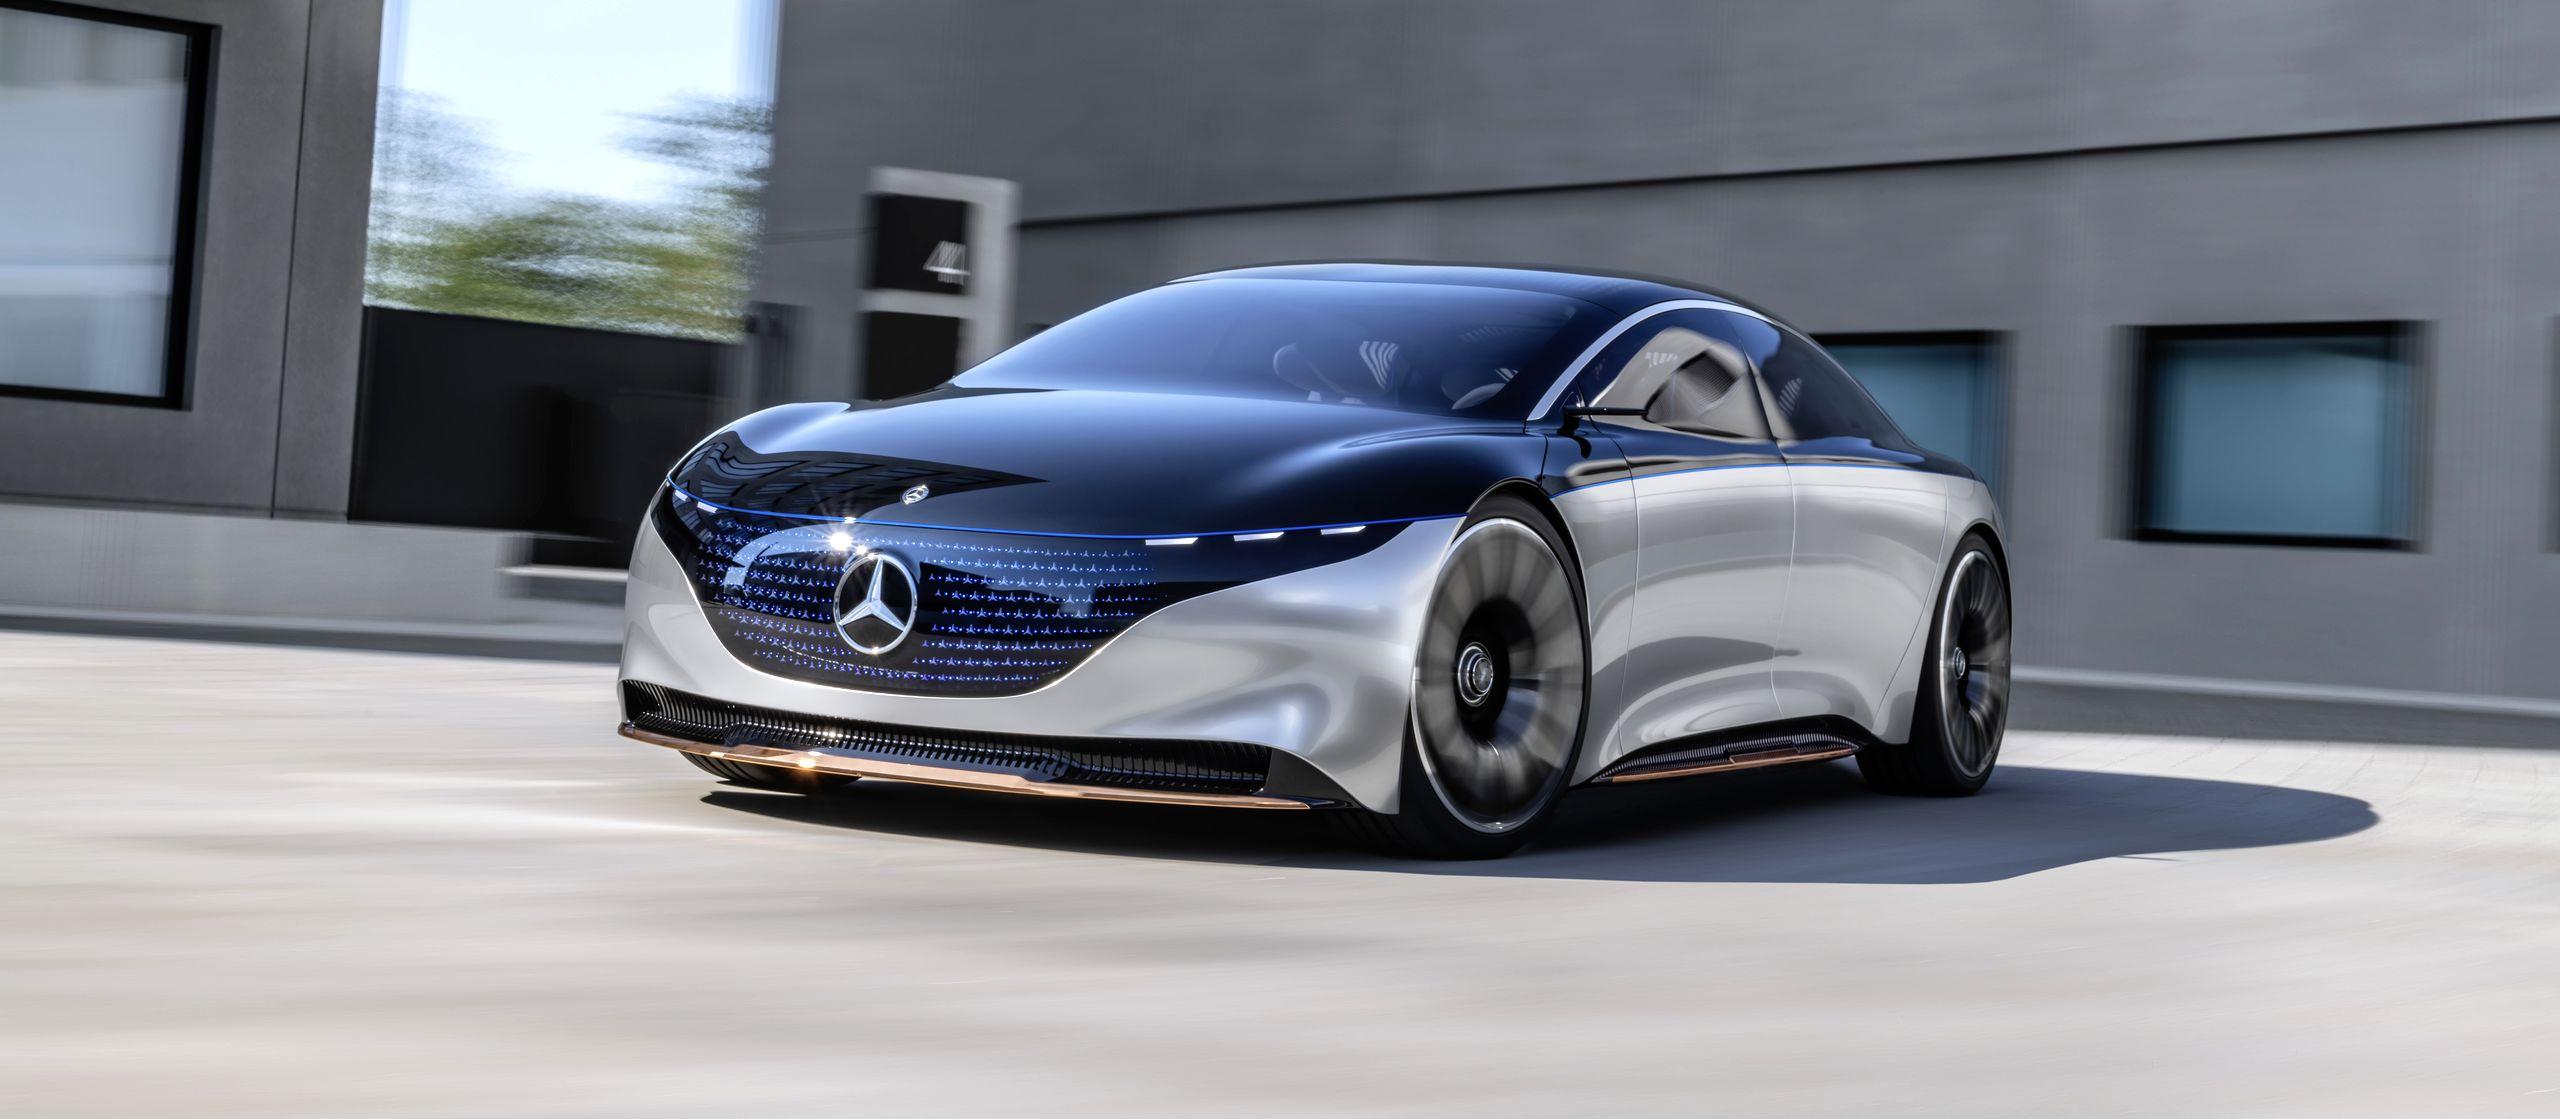 Mercedes EQS elektrische auto opladen laadpaal